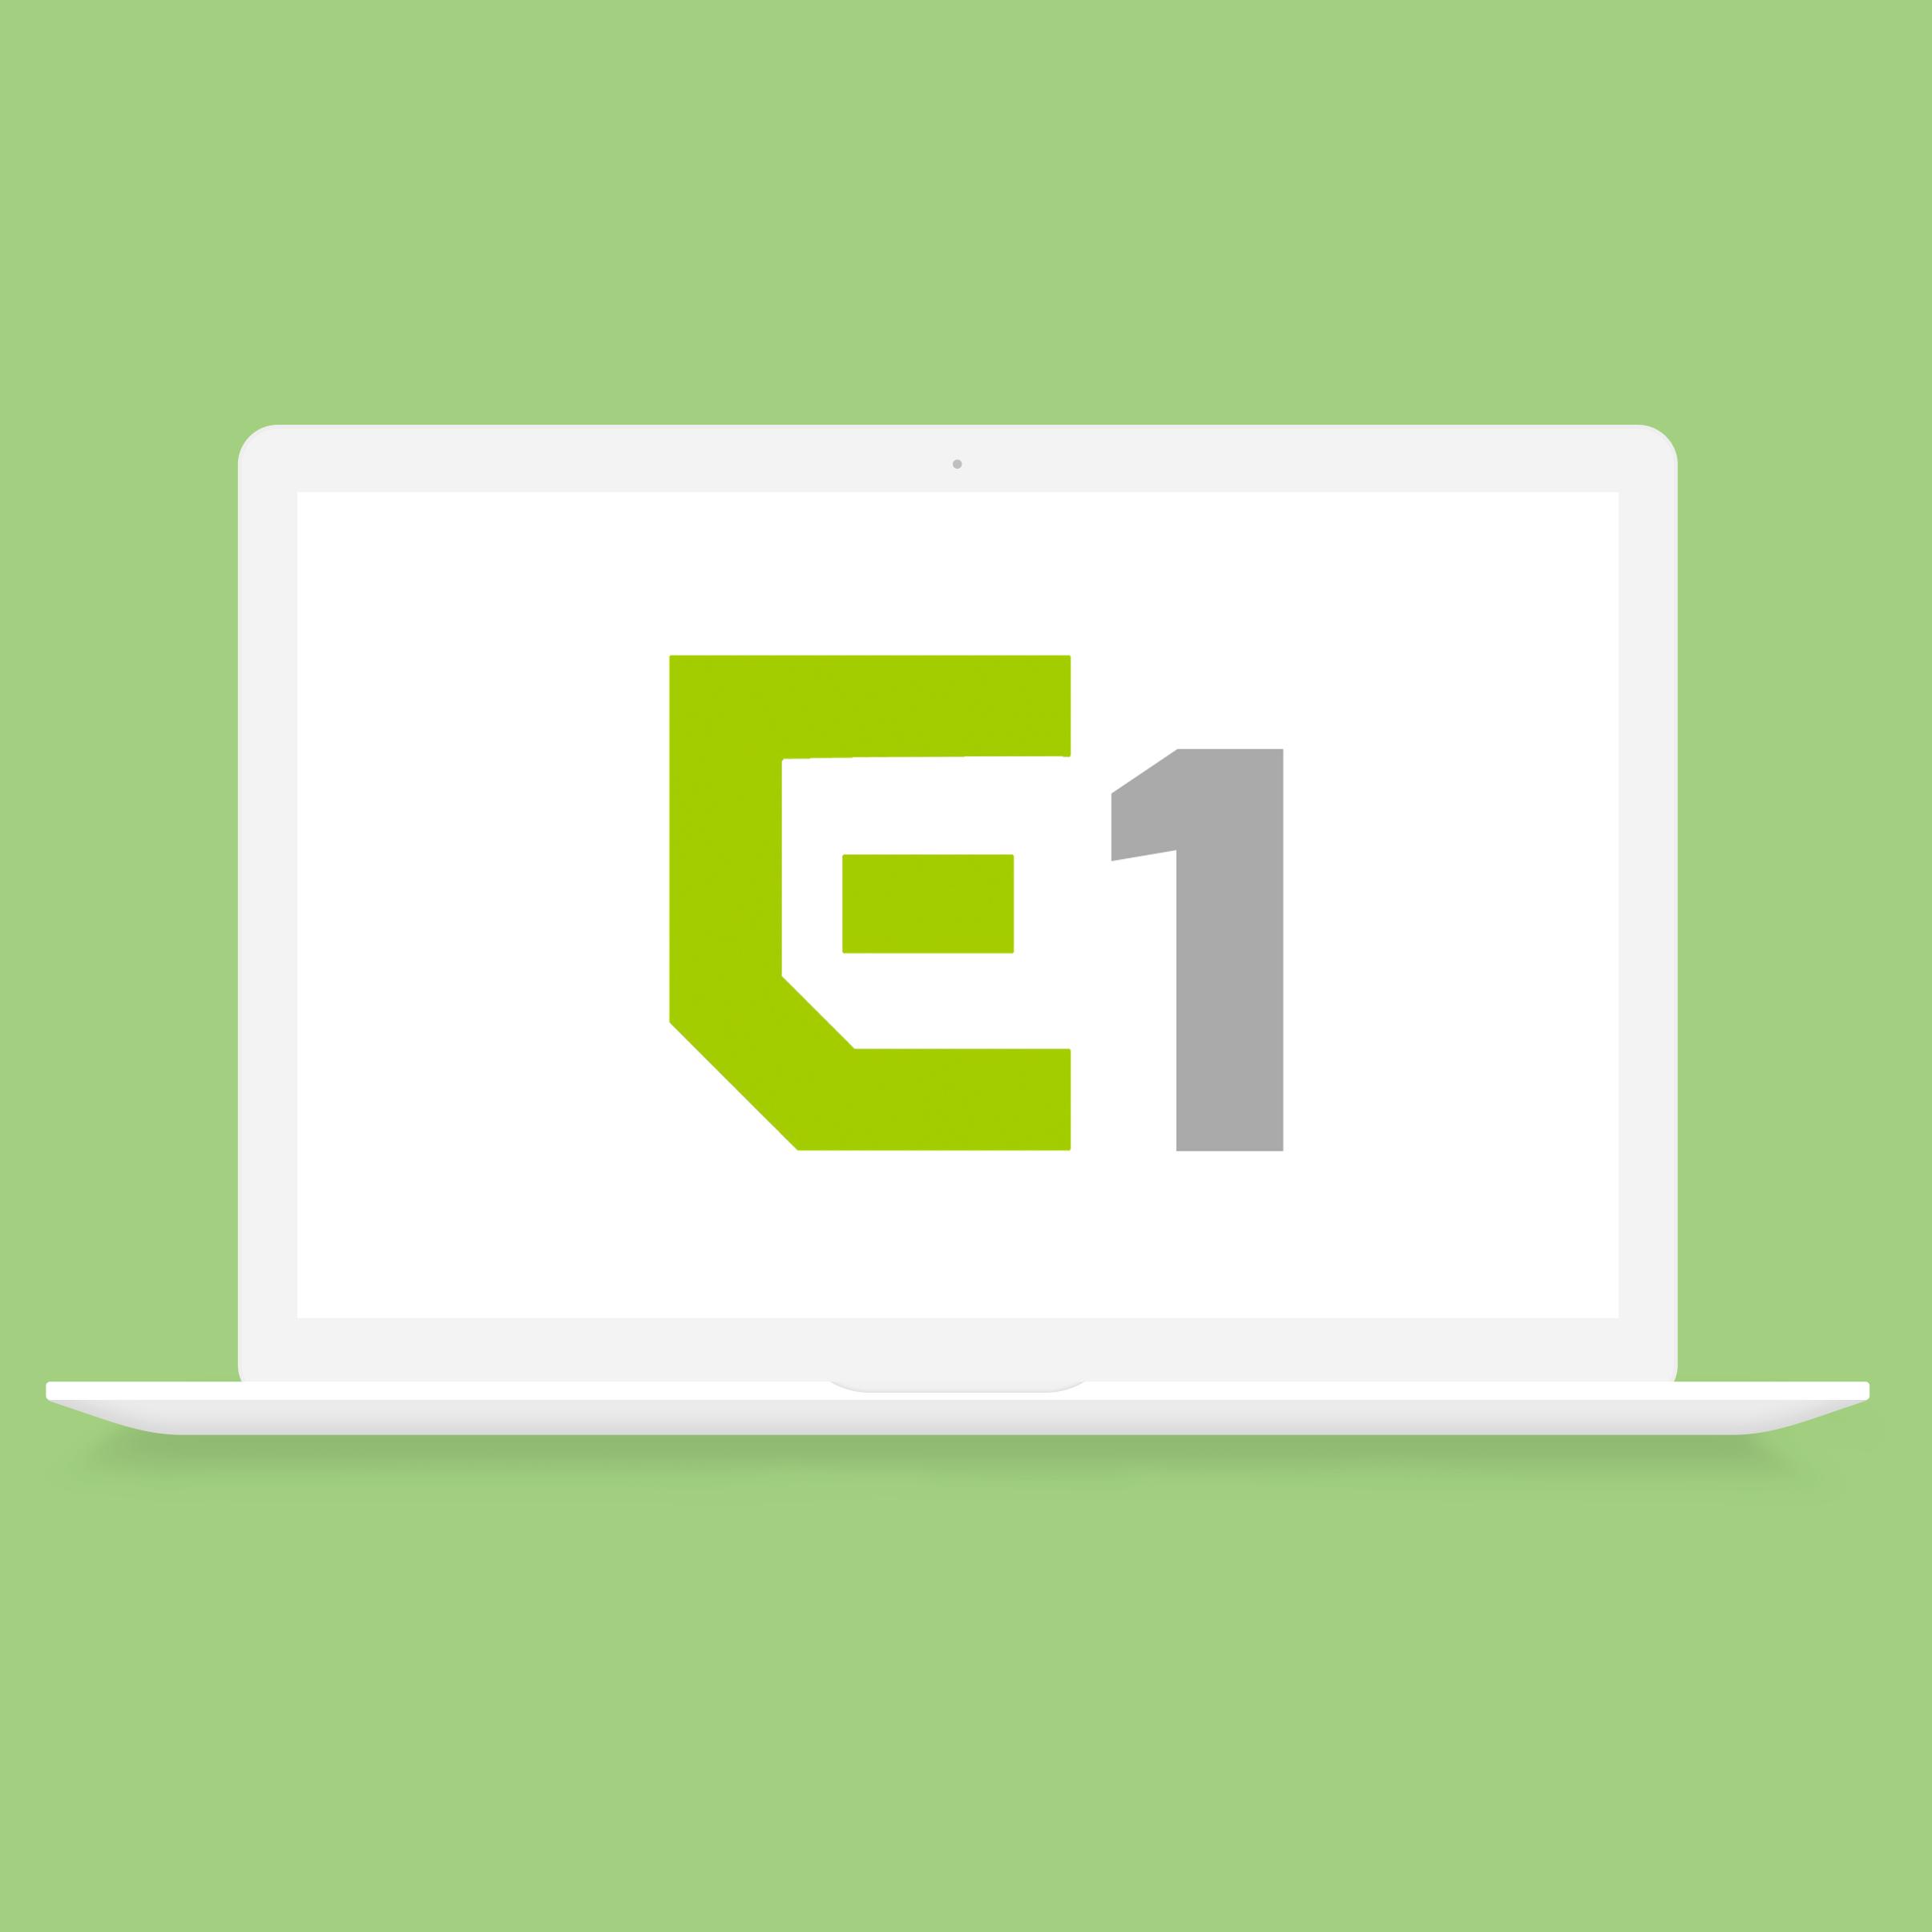 The Emerald - Web Design